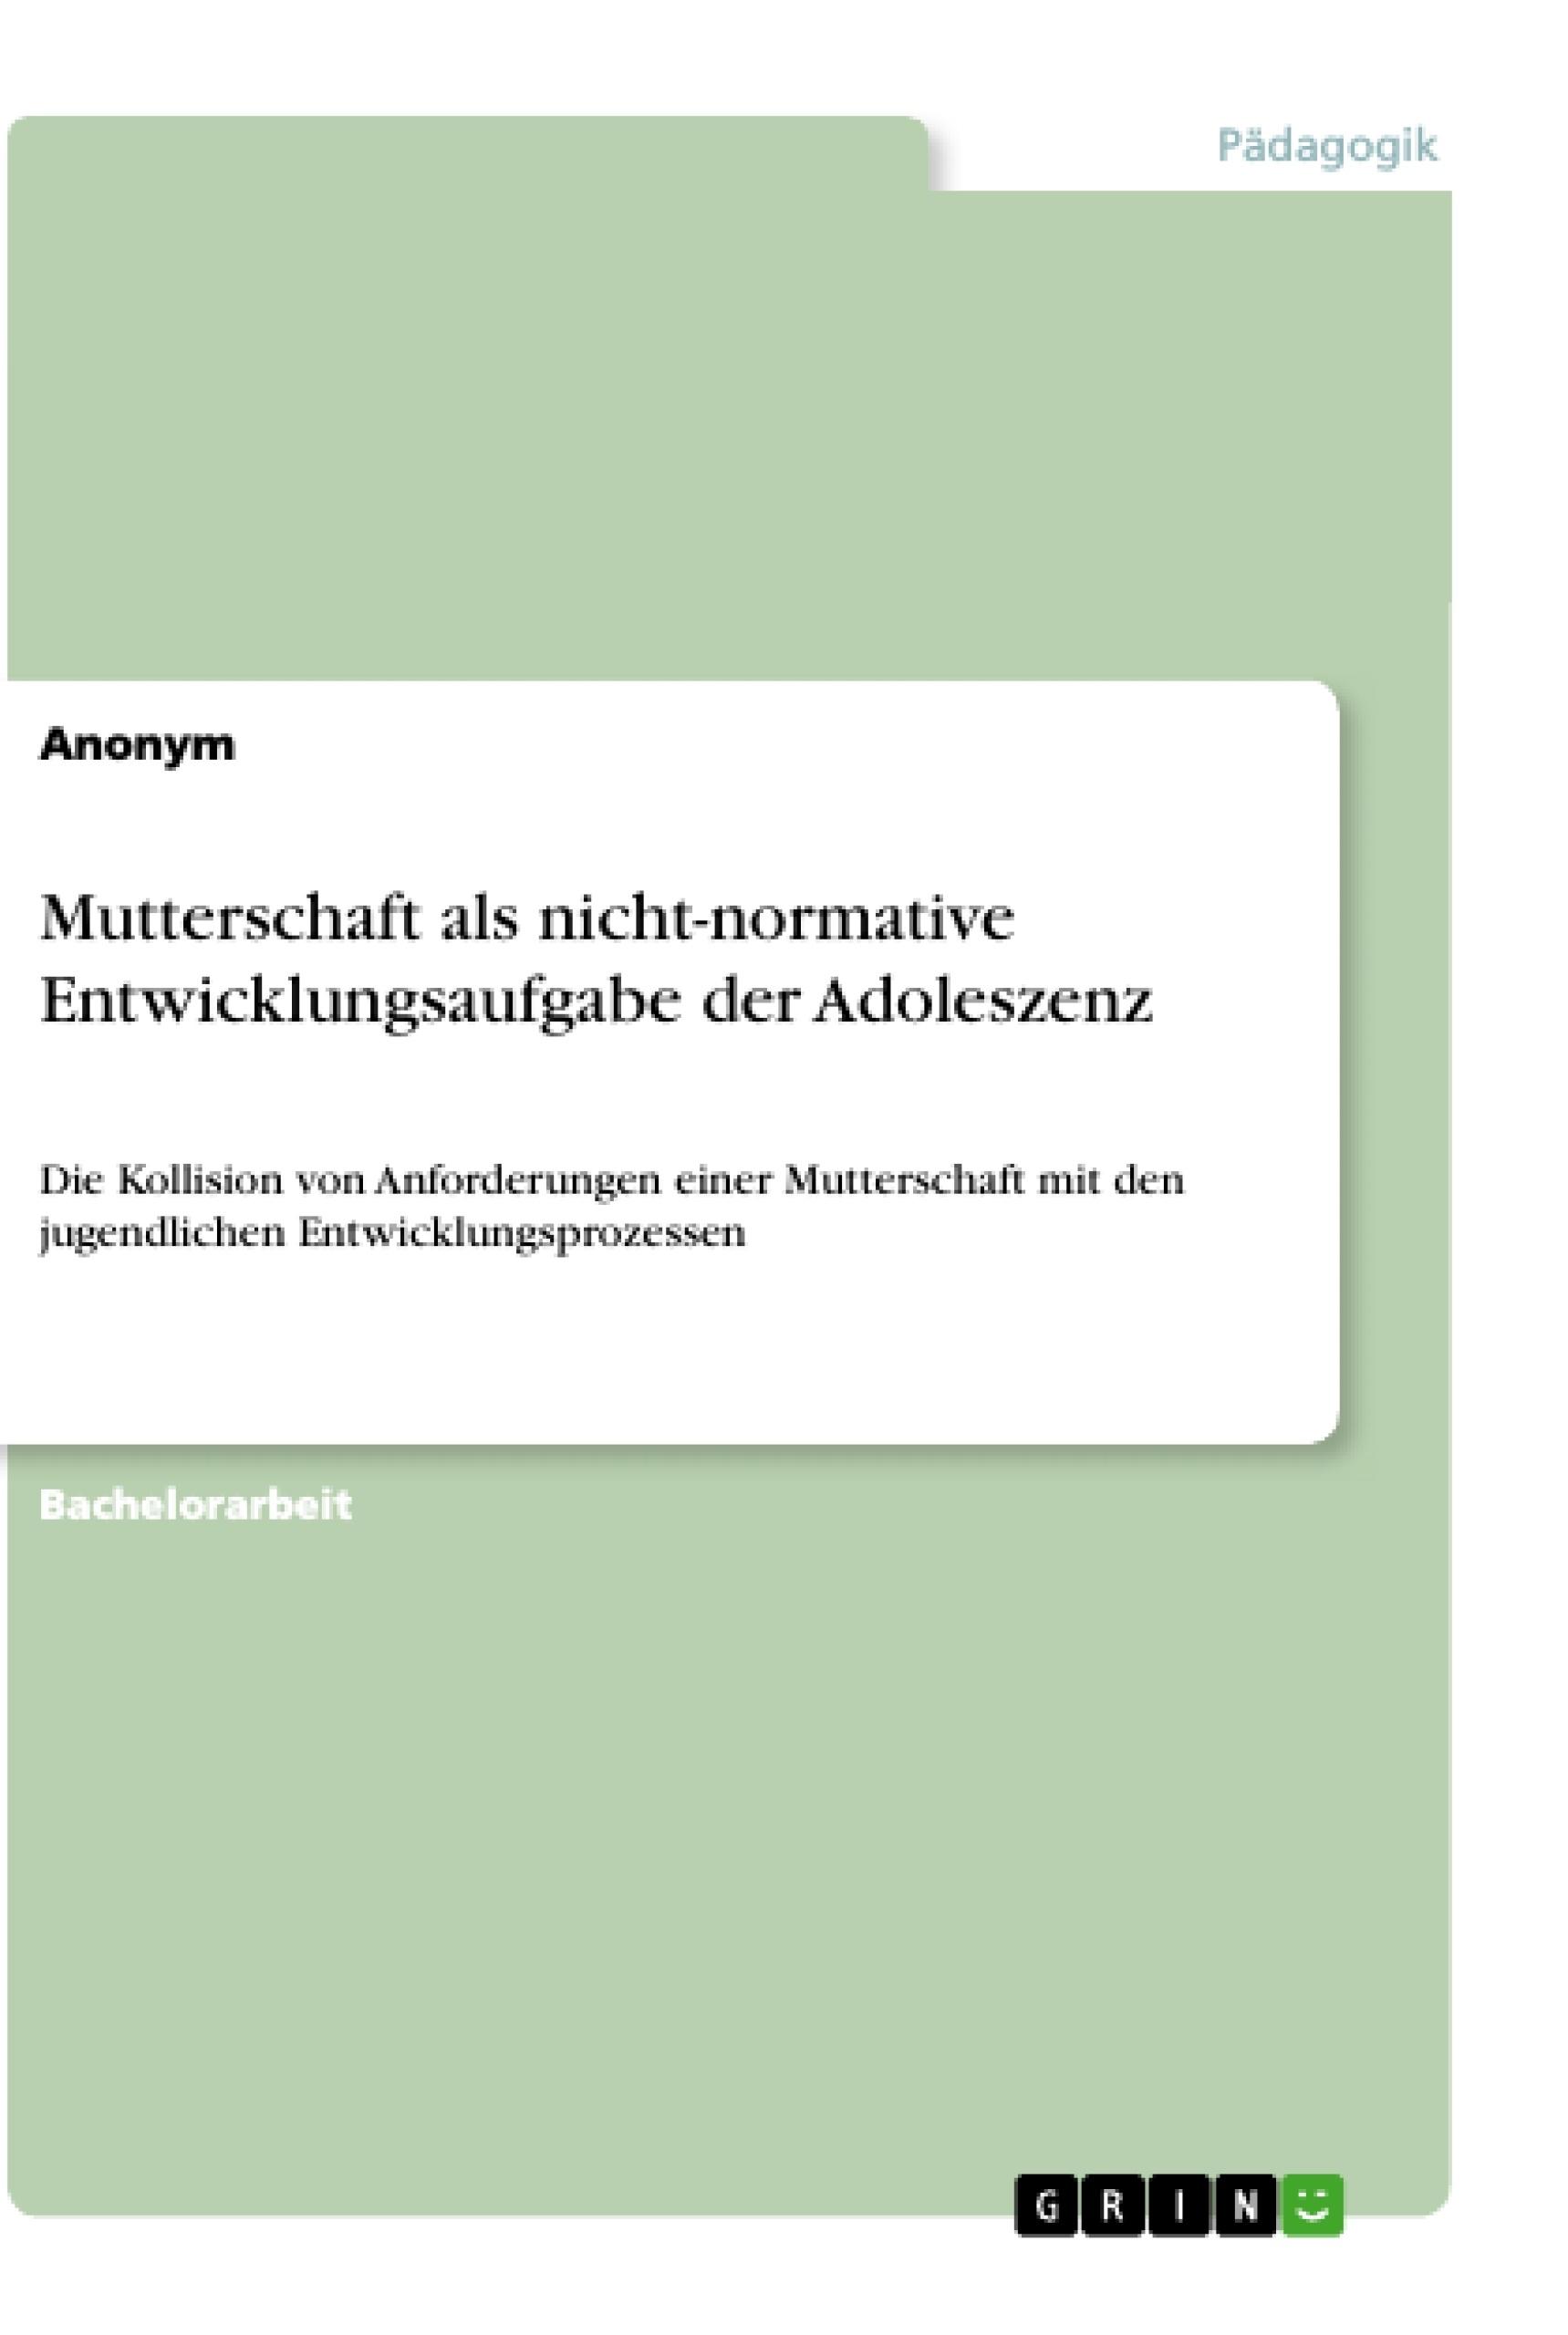 Titel: Mutterschaft als nicht-normative Entwicklungsaufgabe der Adoleszenz